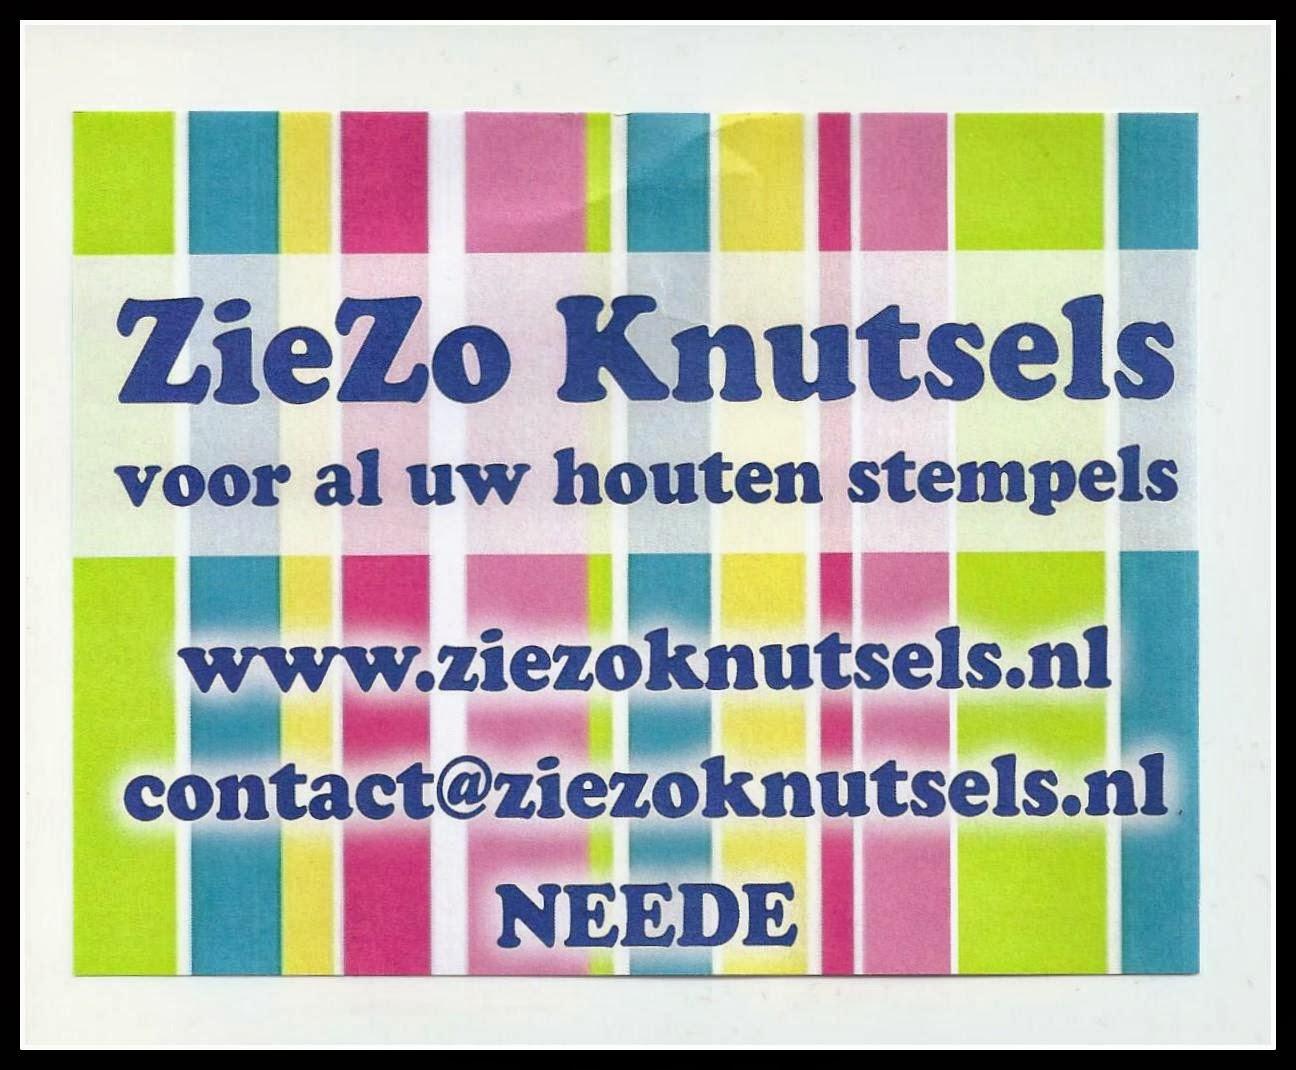 ZieZo Knutsels